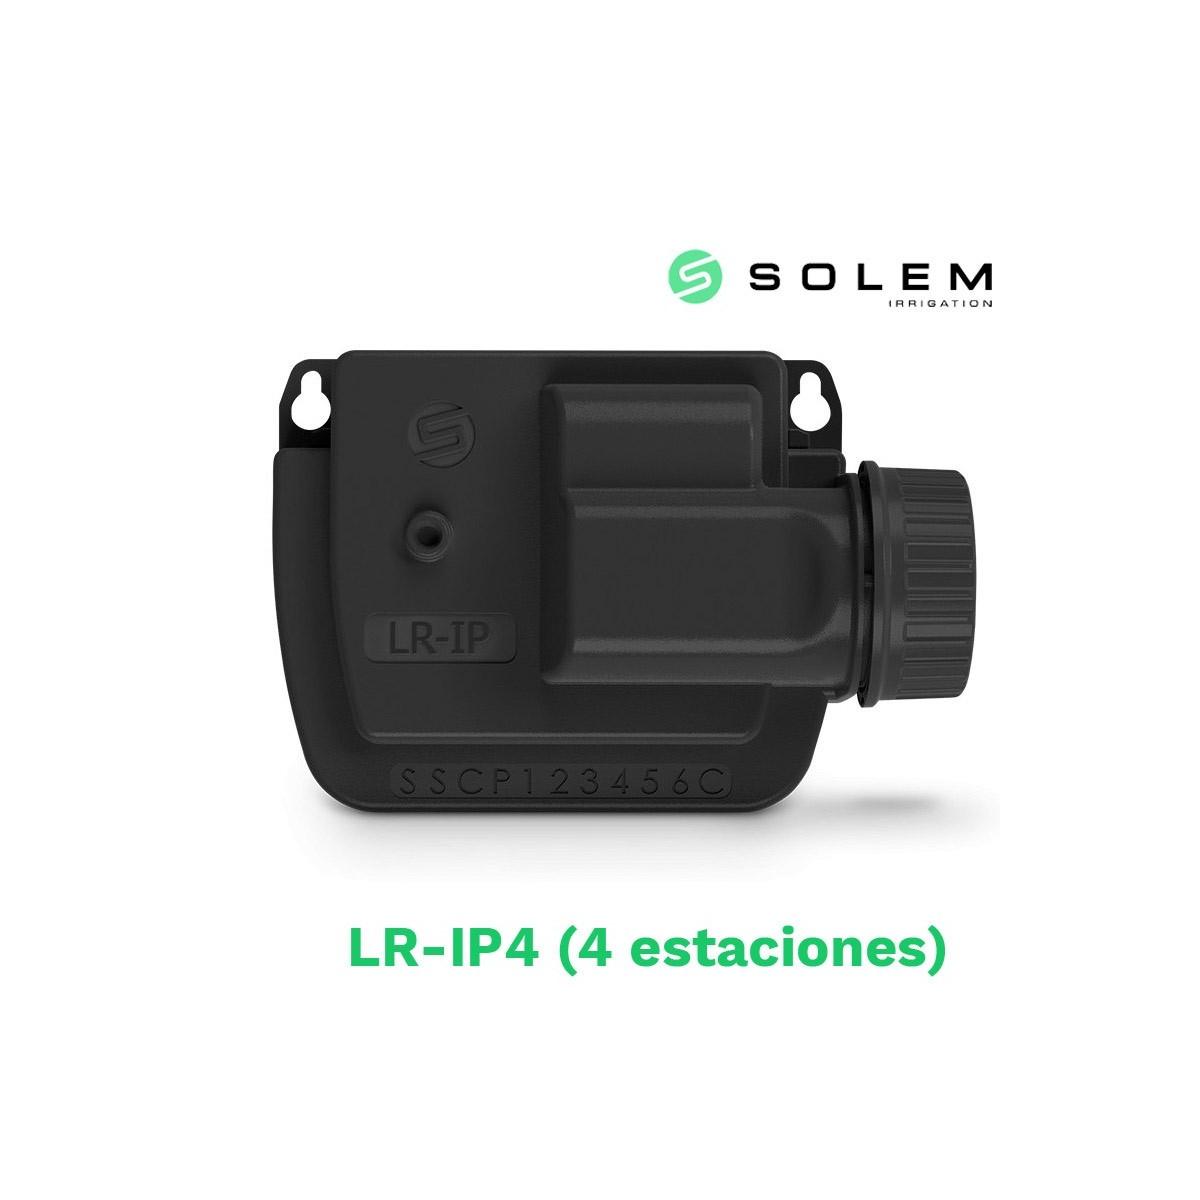 Modulo programador solem (lora) 9v lr-ip 4 estaciones (radio y bluetooth)